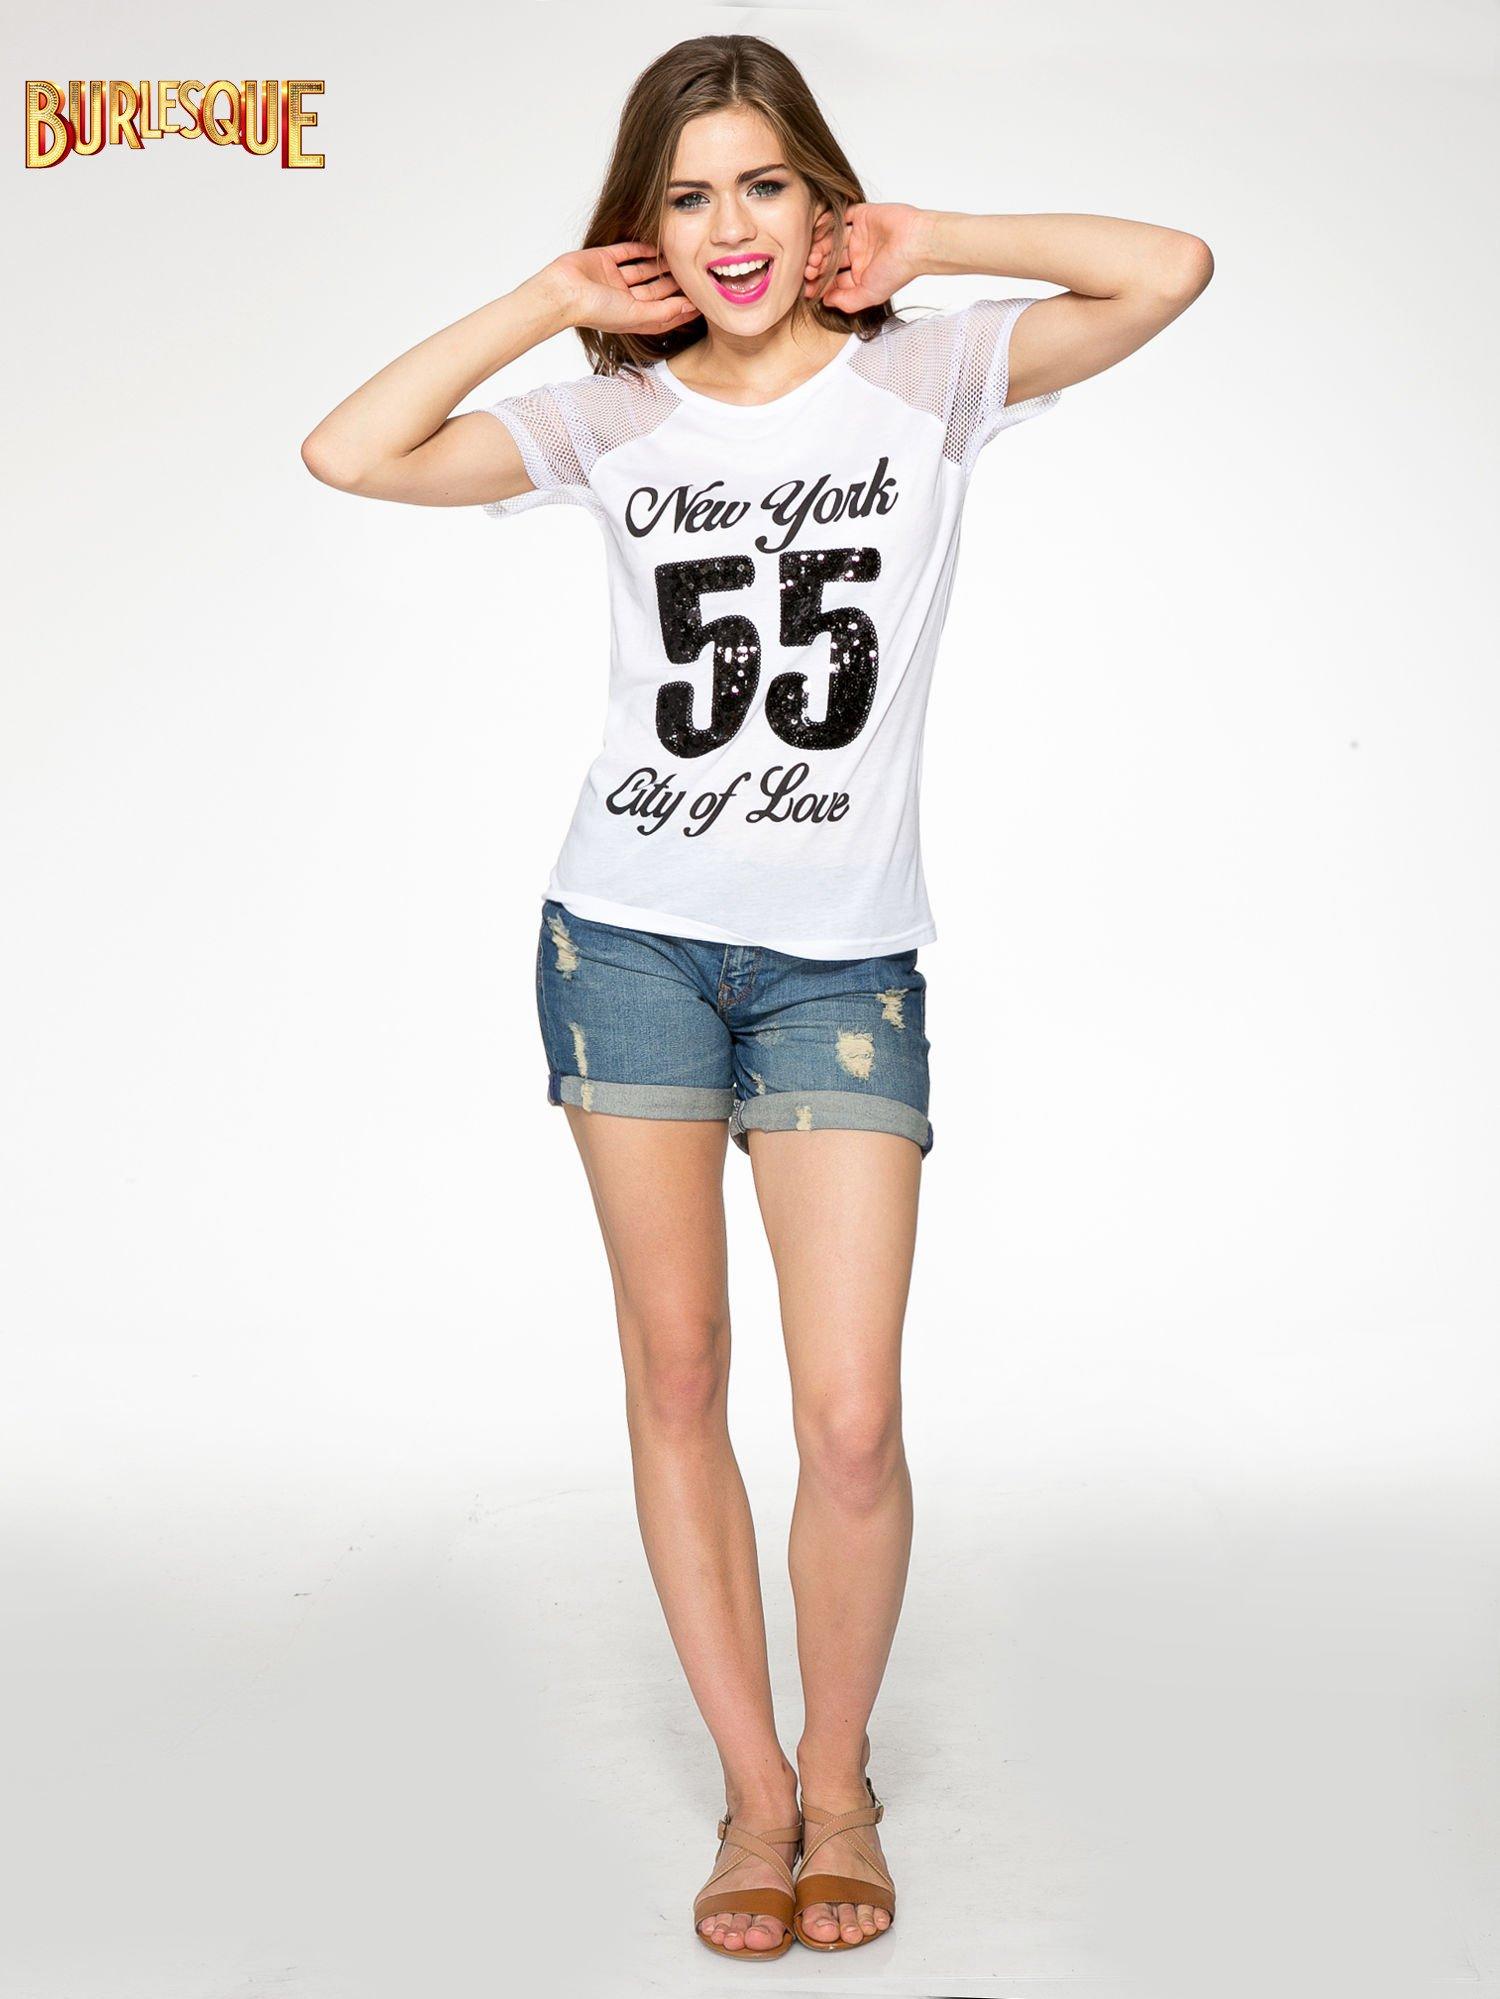 Biały t-shirt z nadrukiem NEW YORK 55 i siatkowymi rękawami                                  zdj.                                  2